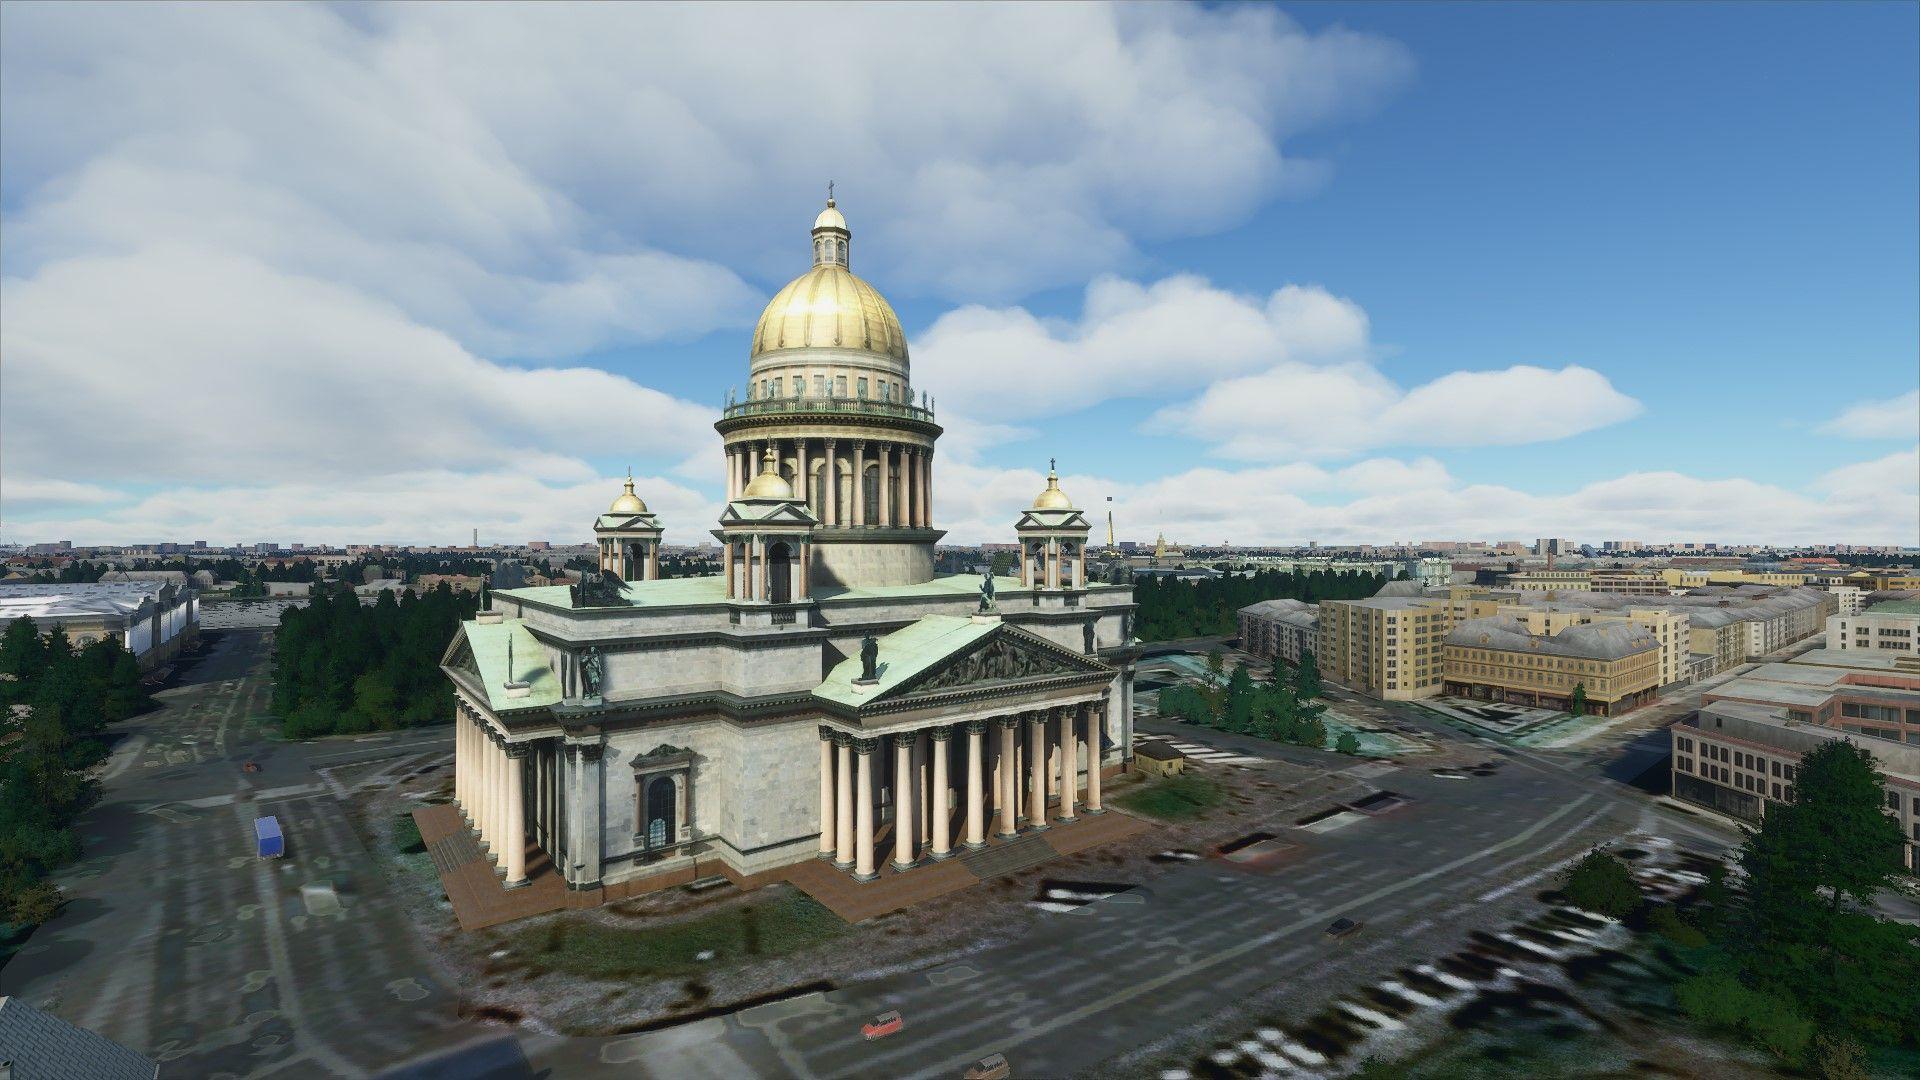 MSFS Saint Petersburg Landmarks